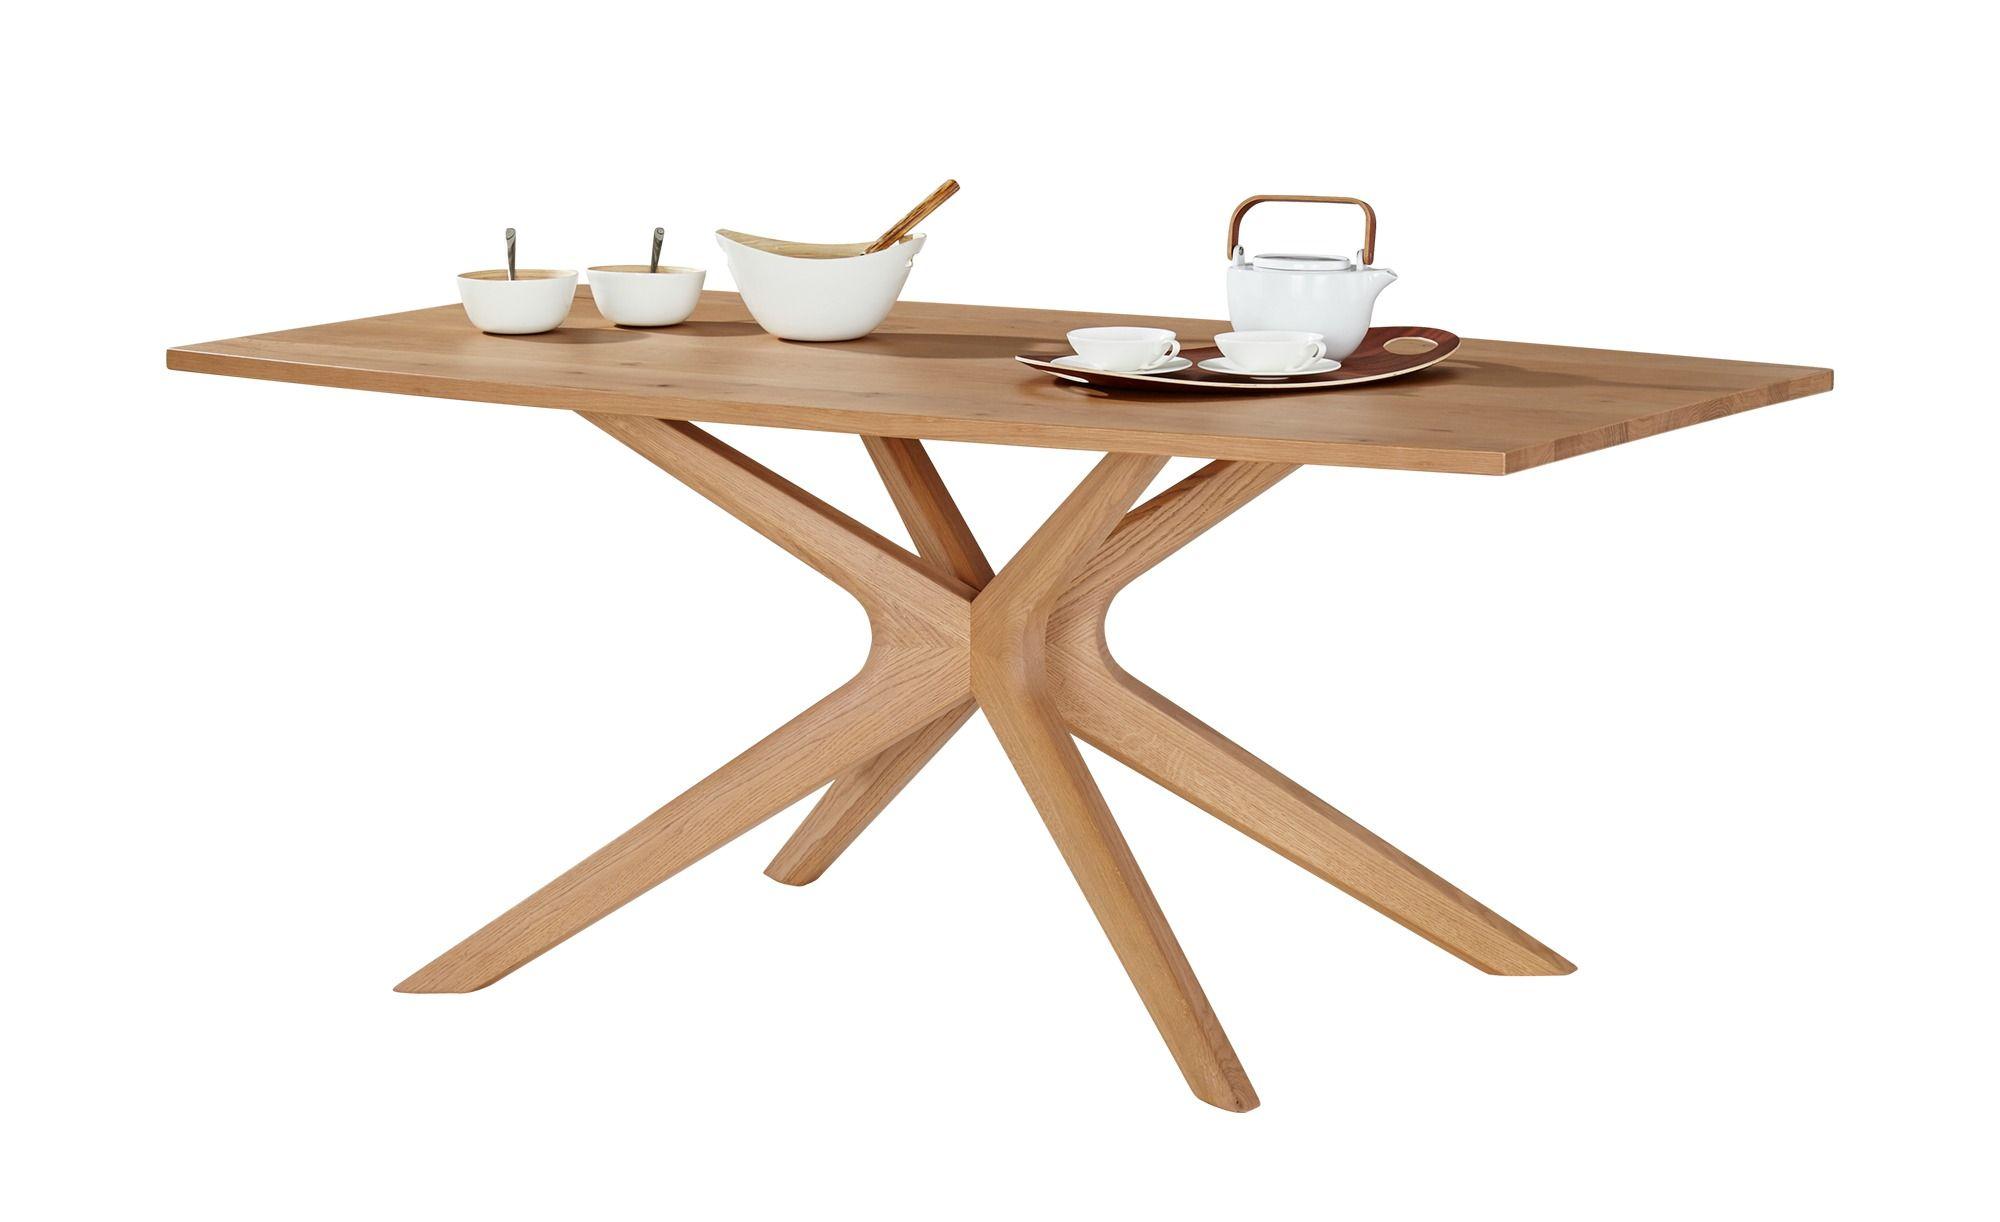 Voglauer Esstisch V Alpin In 2019 Products Esstisch Voglauer Tisch